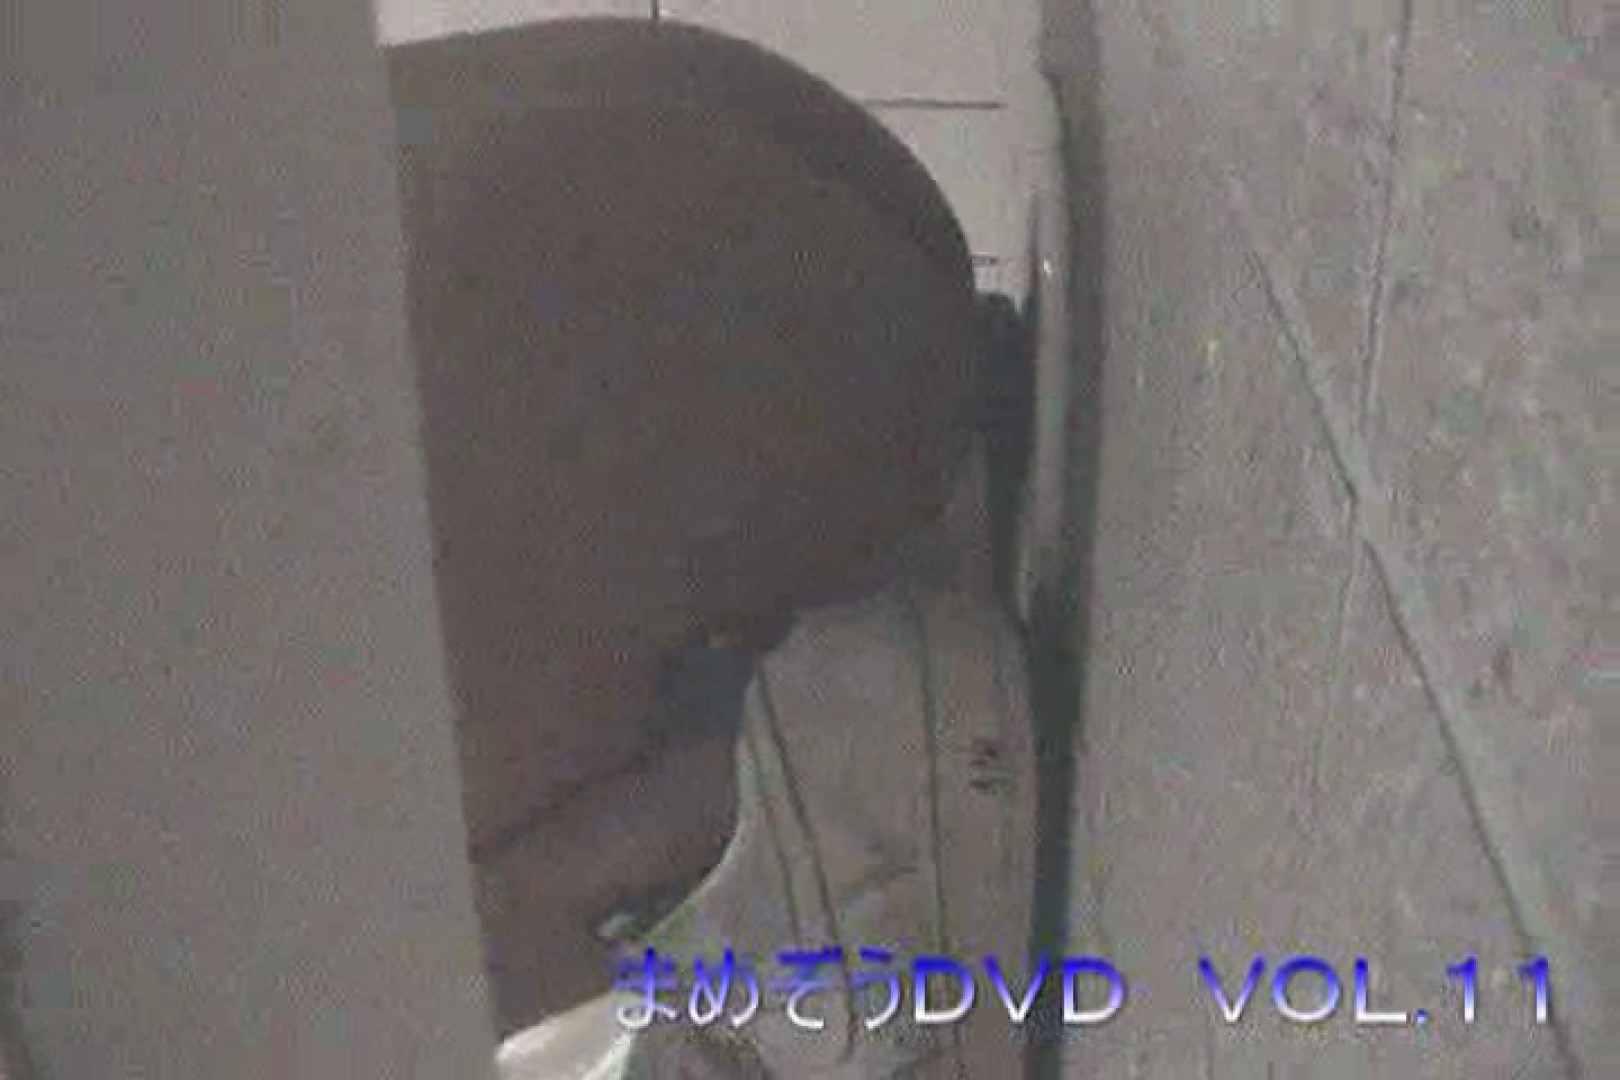 まめぞうDVD完全版VOL.11 ギャル達  111枚 94